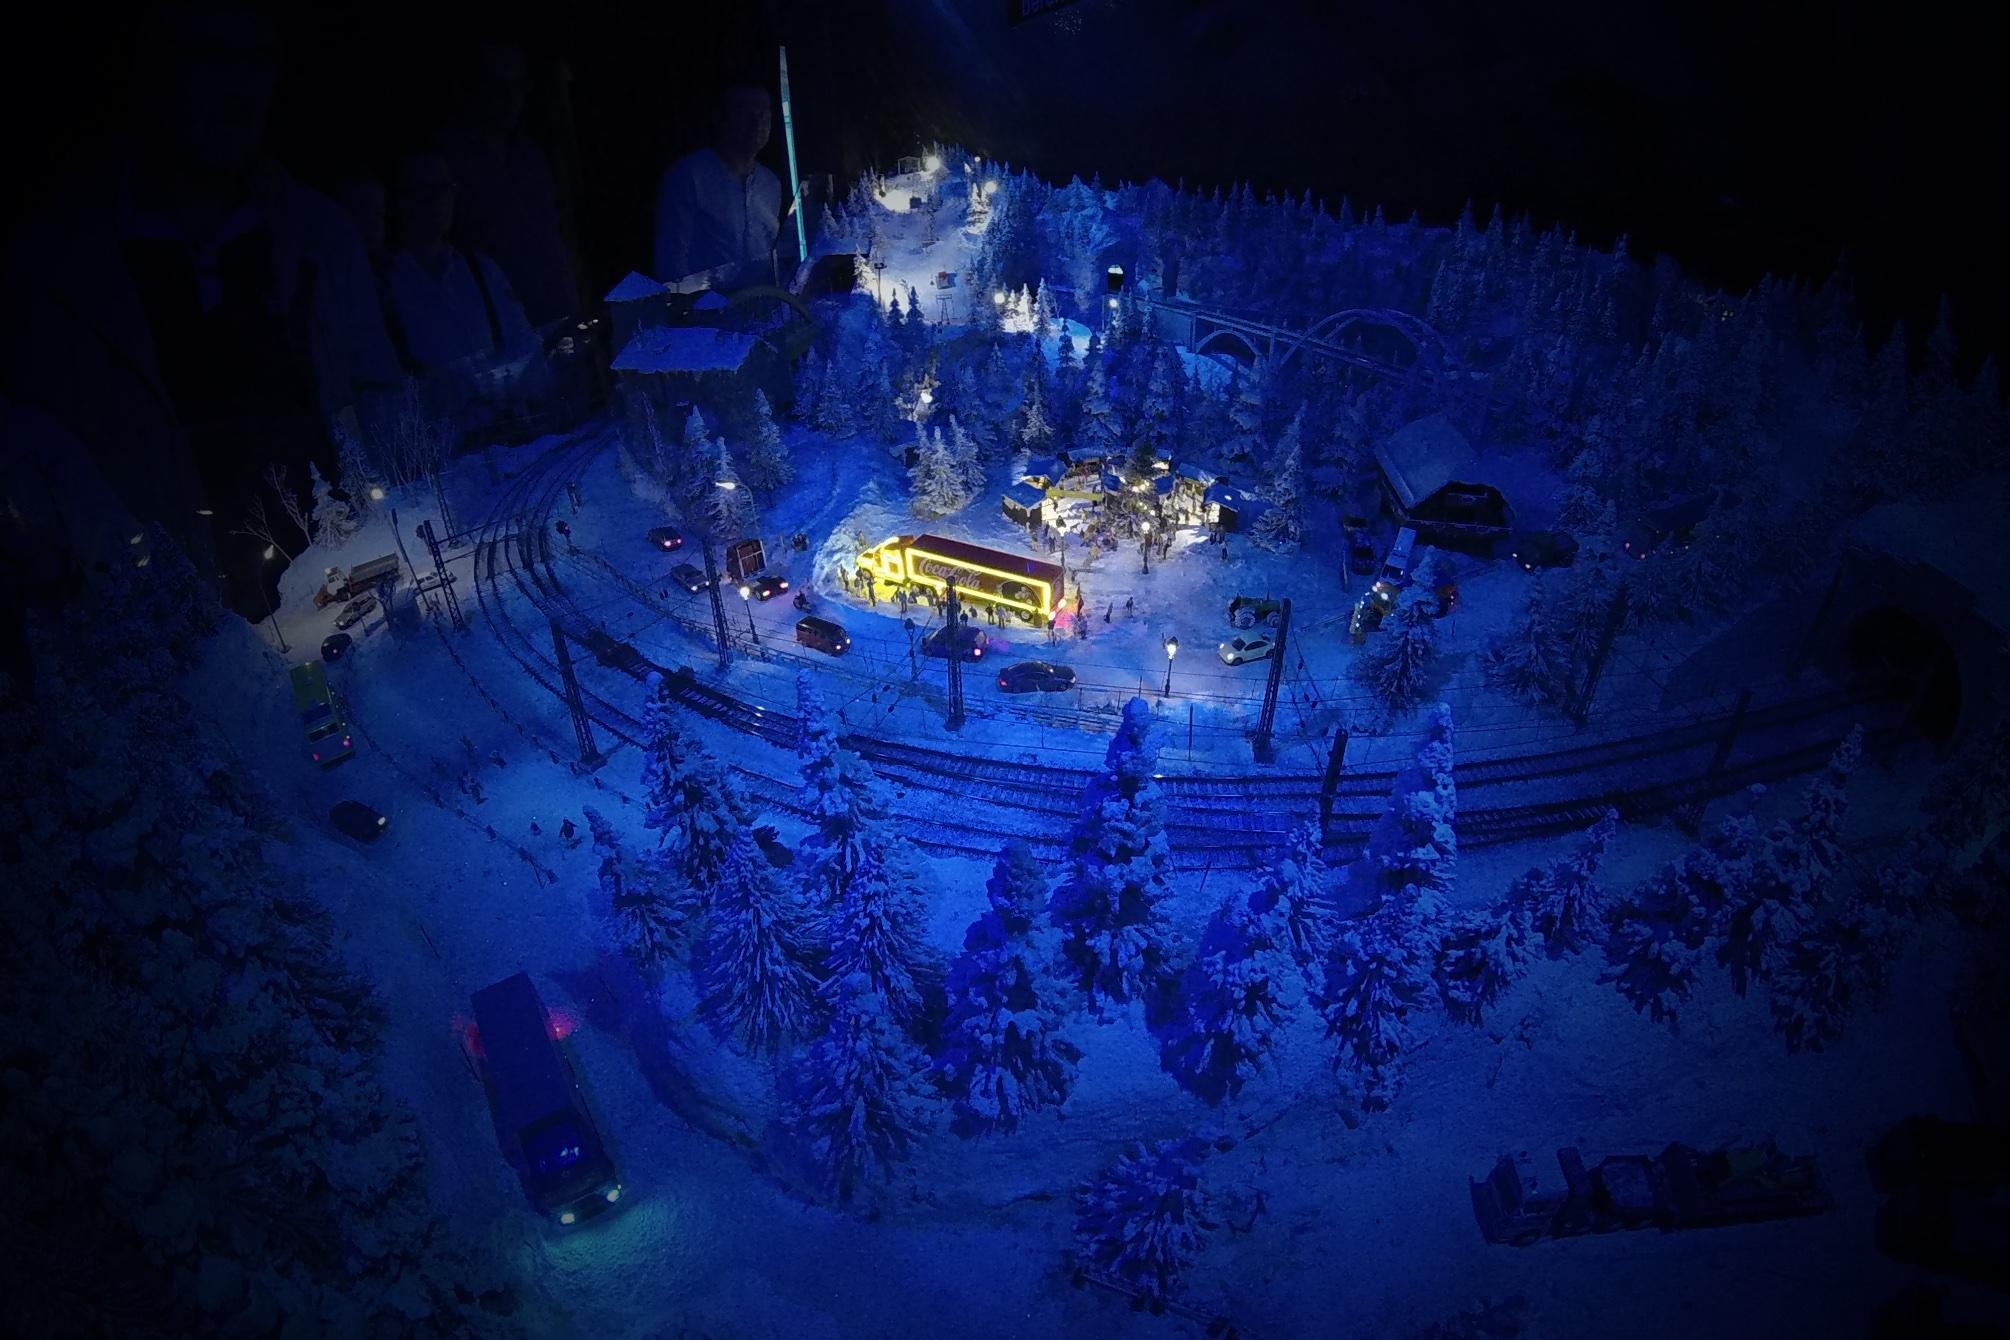 In der Winter-Wunderwelt vom 1. Salzburger Modelleisenbahn Club. Eigenes Foto/Anlage SMEC